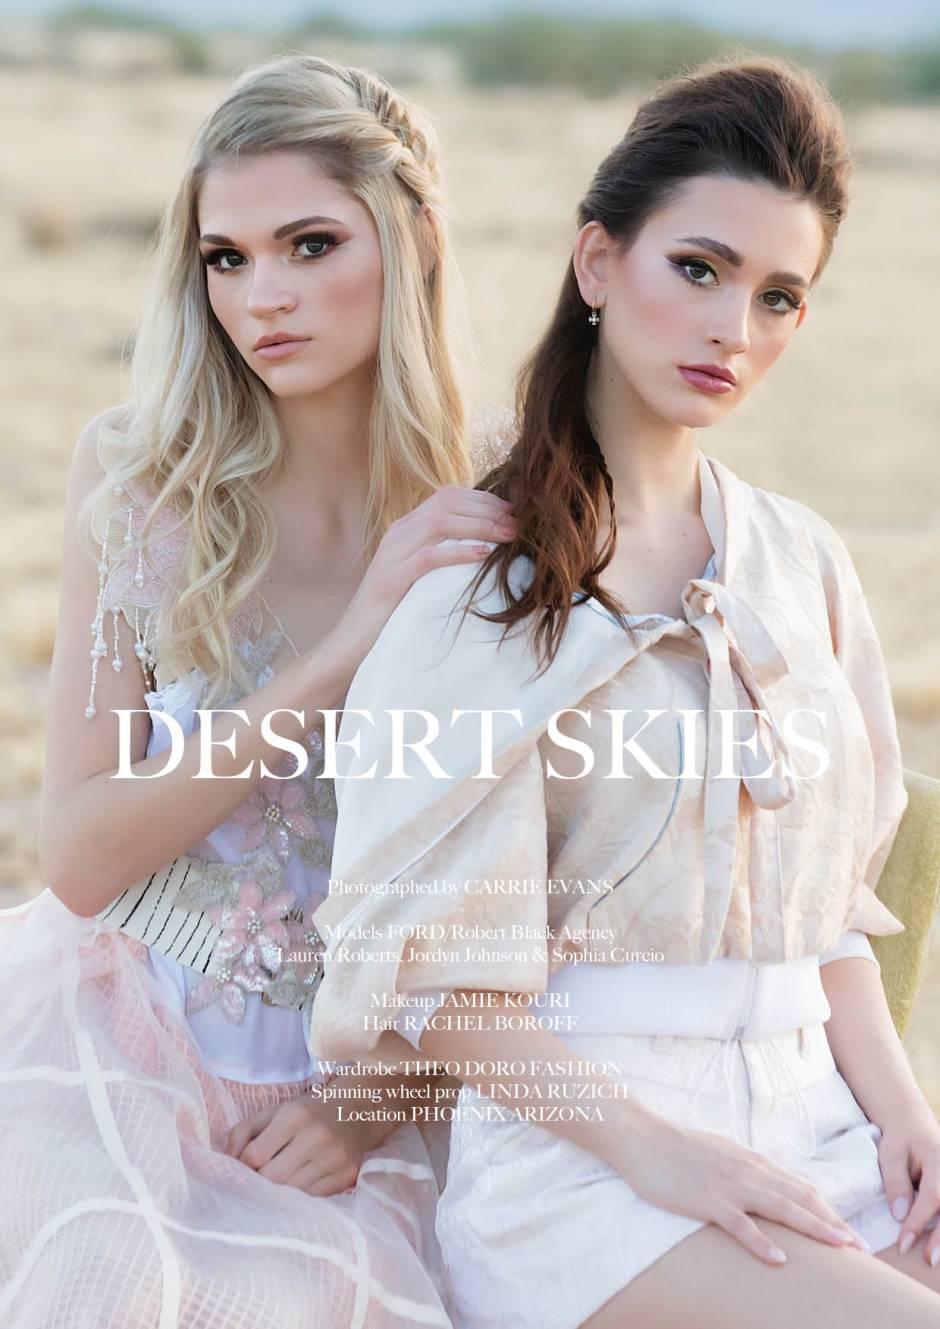 Desert Skies single